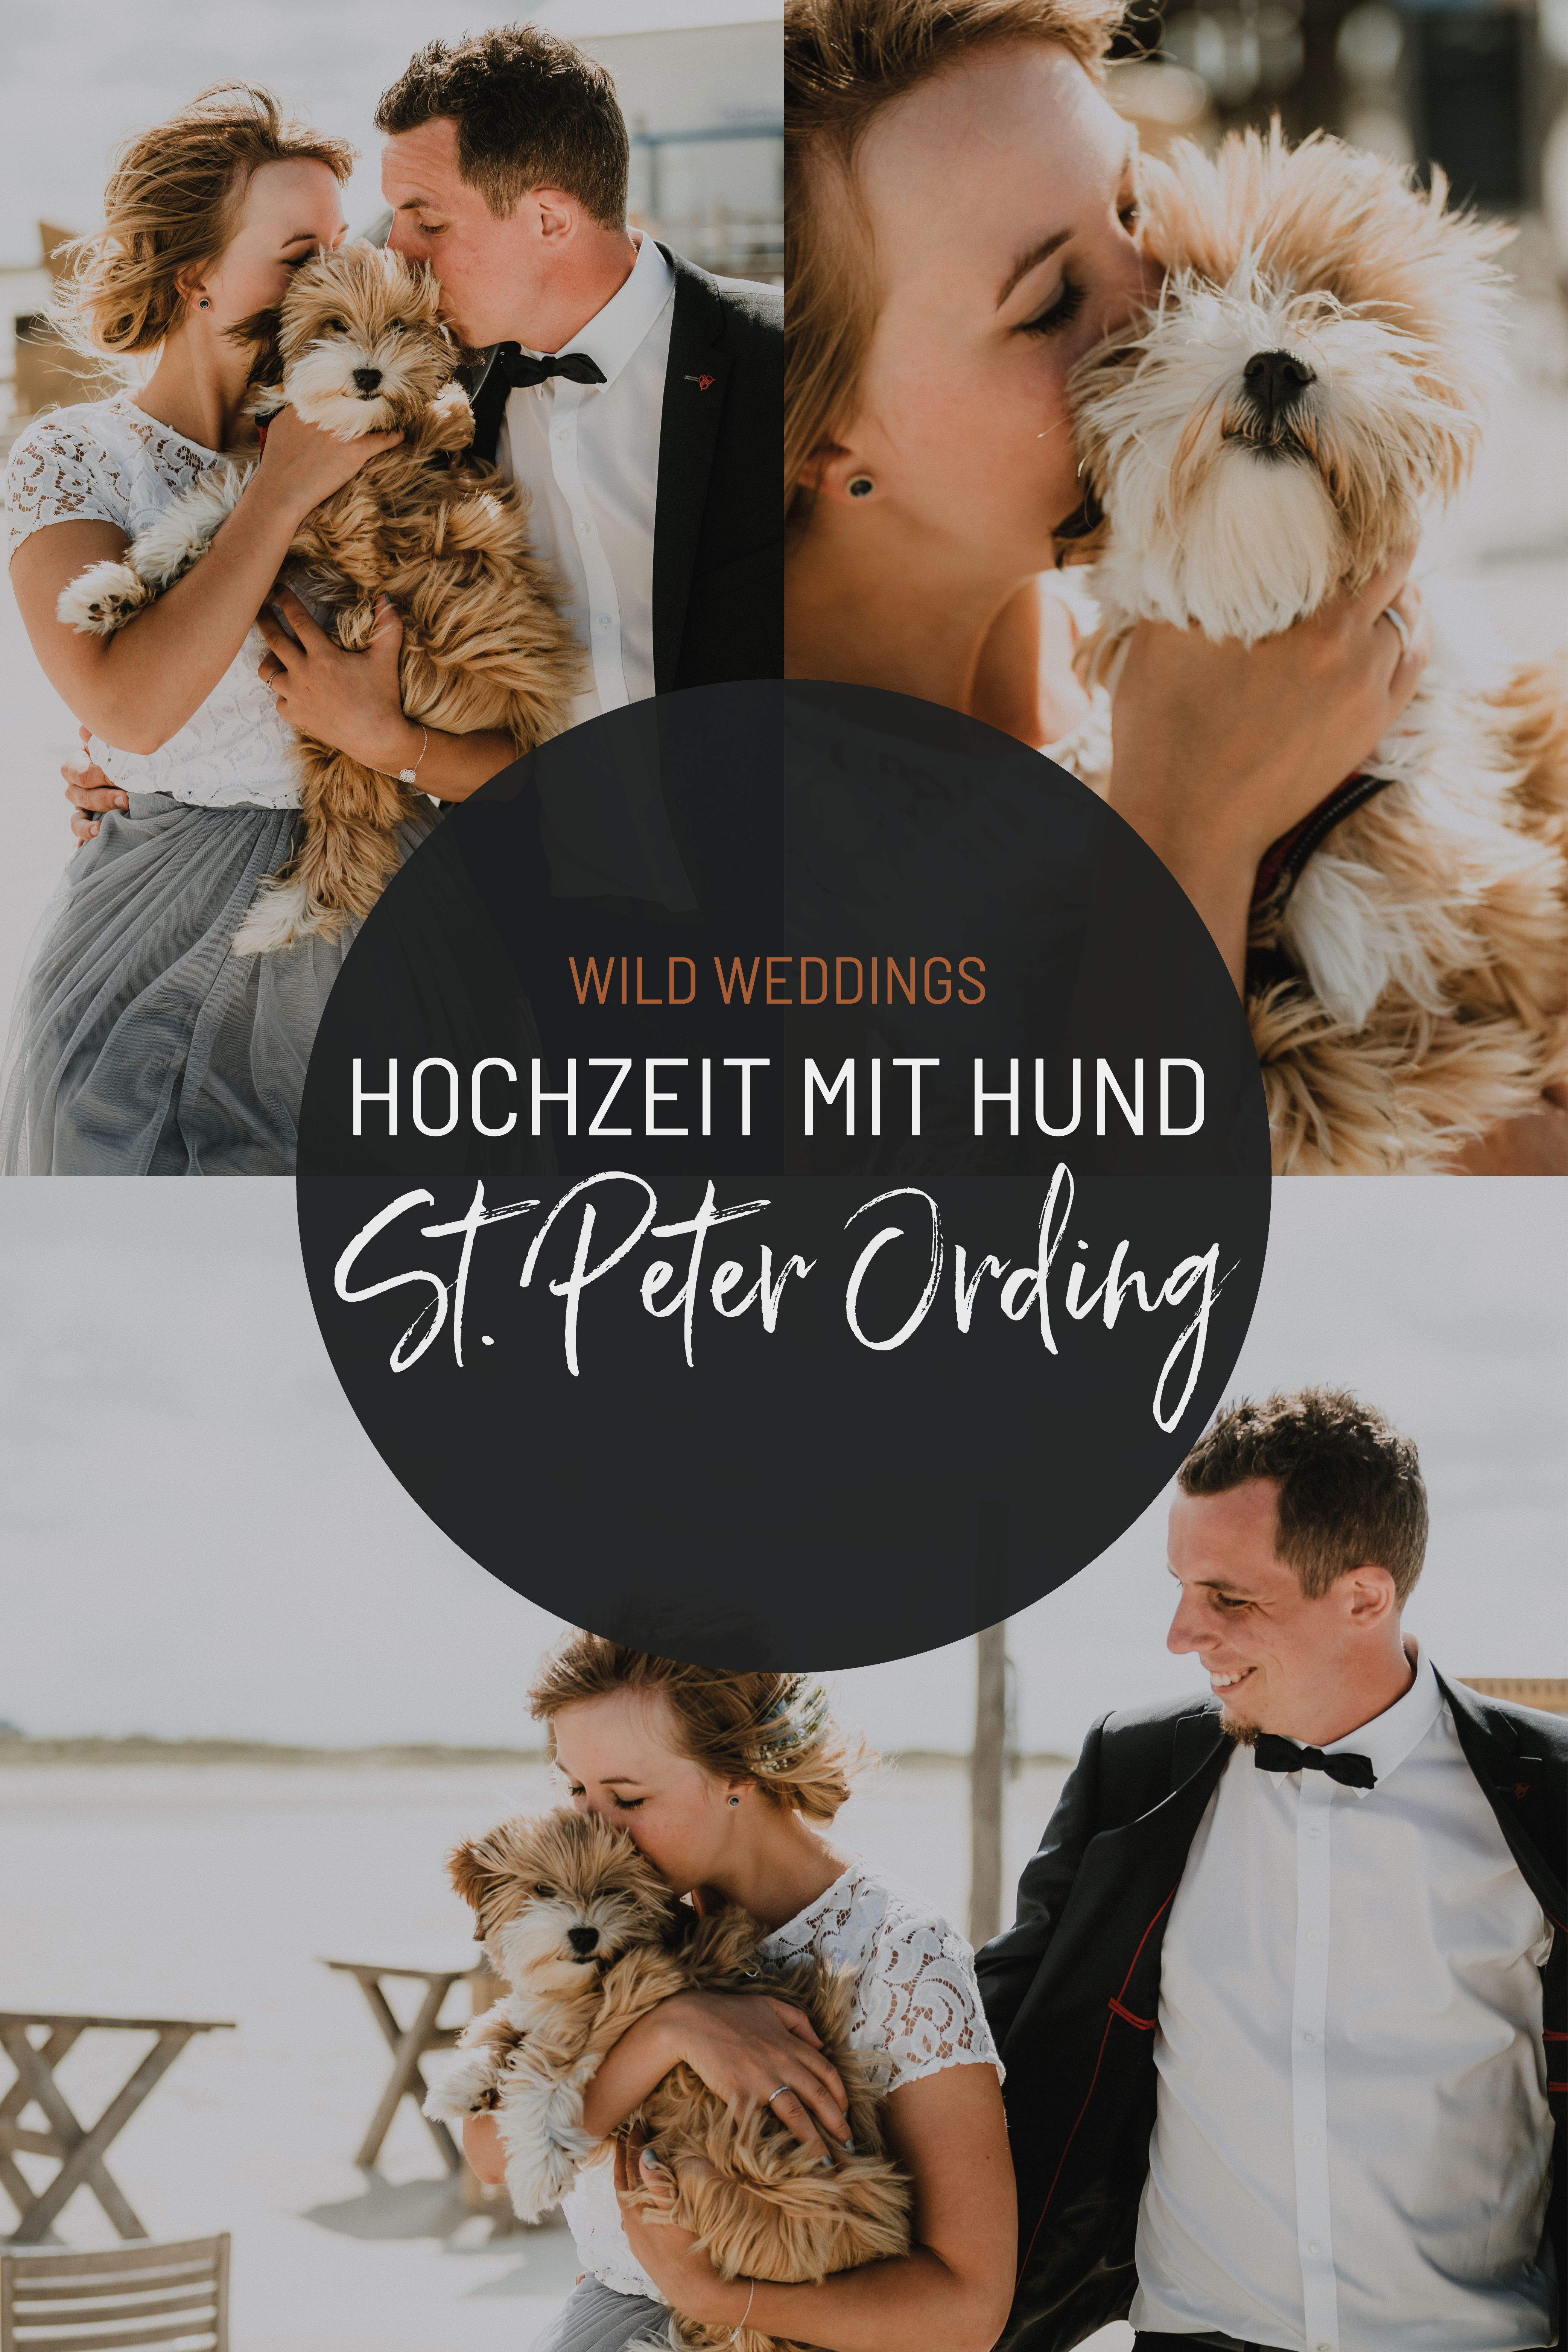 Hochzeit Mit Hund Arche Noah St Peter Ording Brunch Hochzeit Strandhochzeit Hochzeit